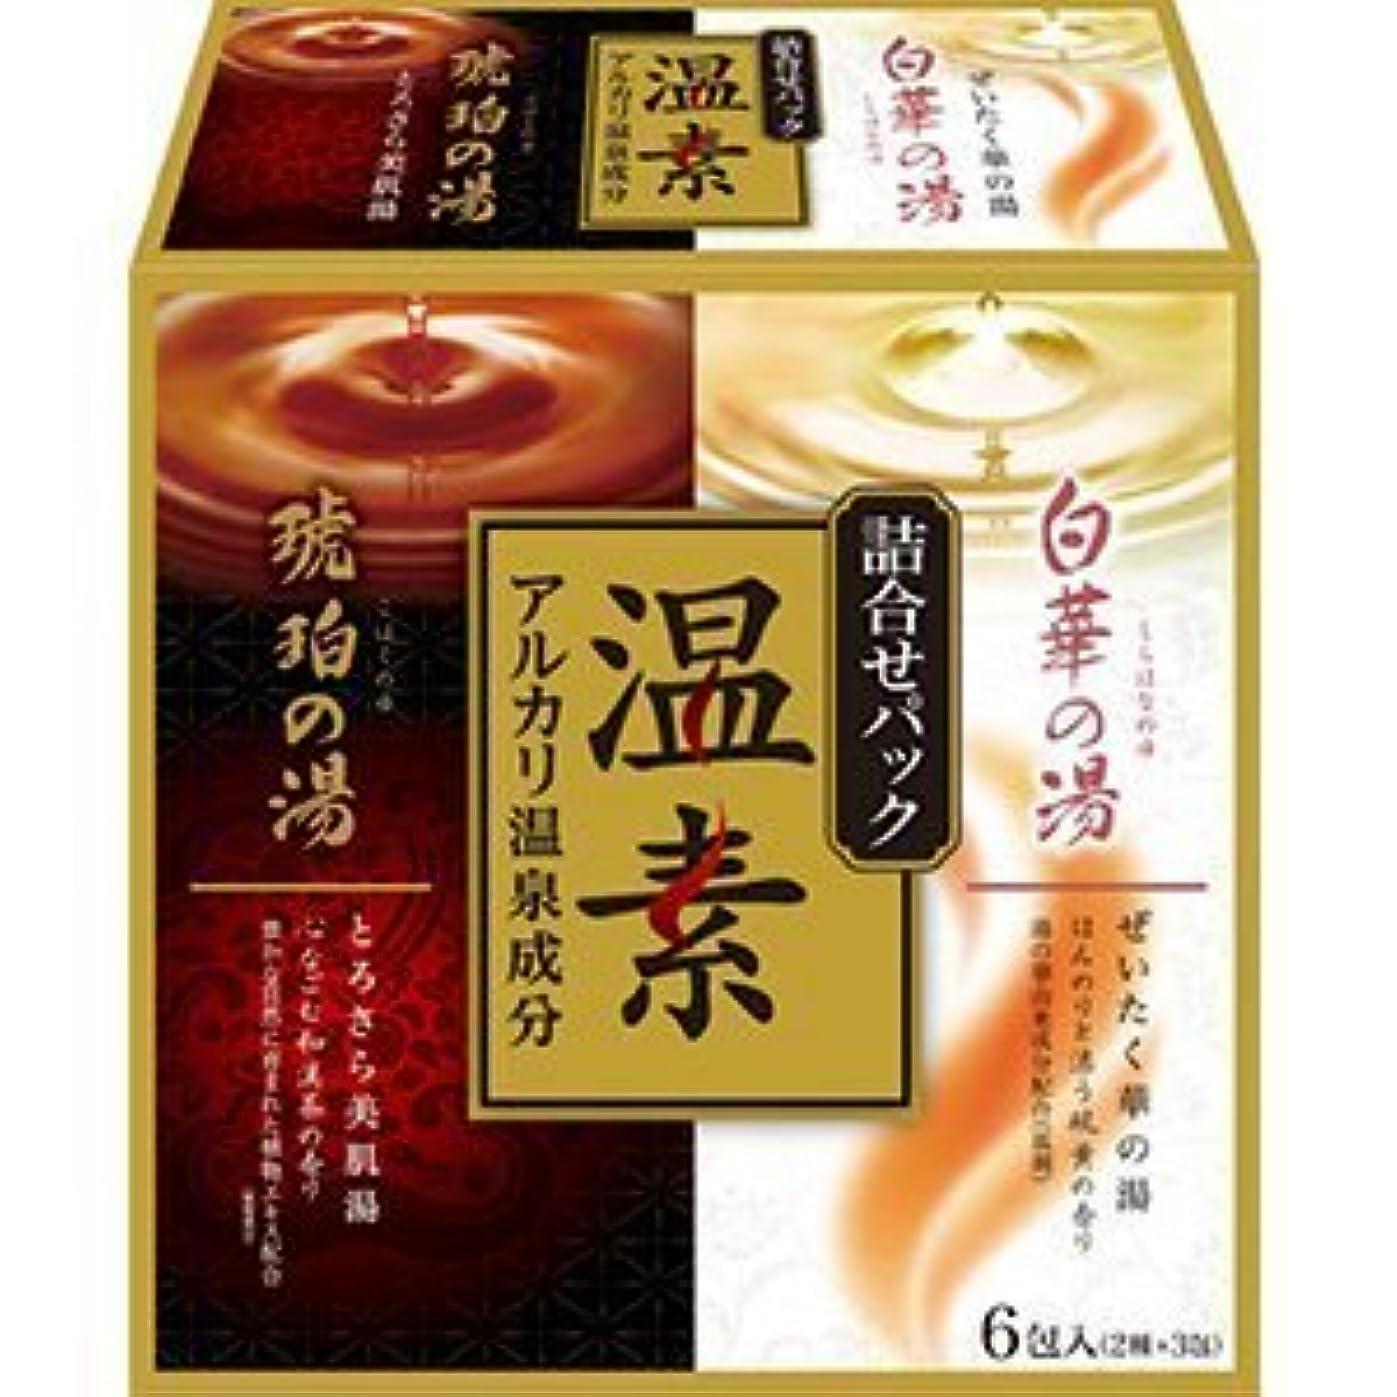 スプレーメロドラマ純度温素 琥珀の湯&白華の湯 詰合せパック × 3個セット